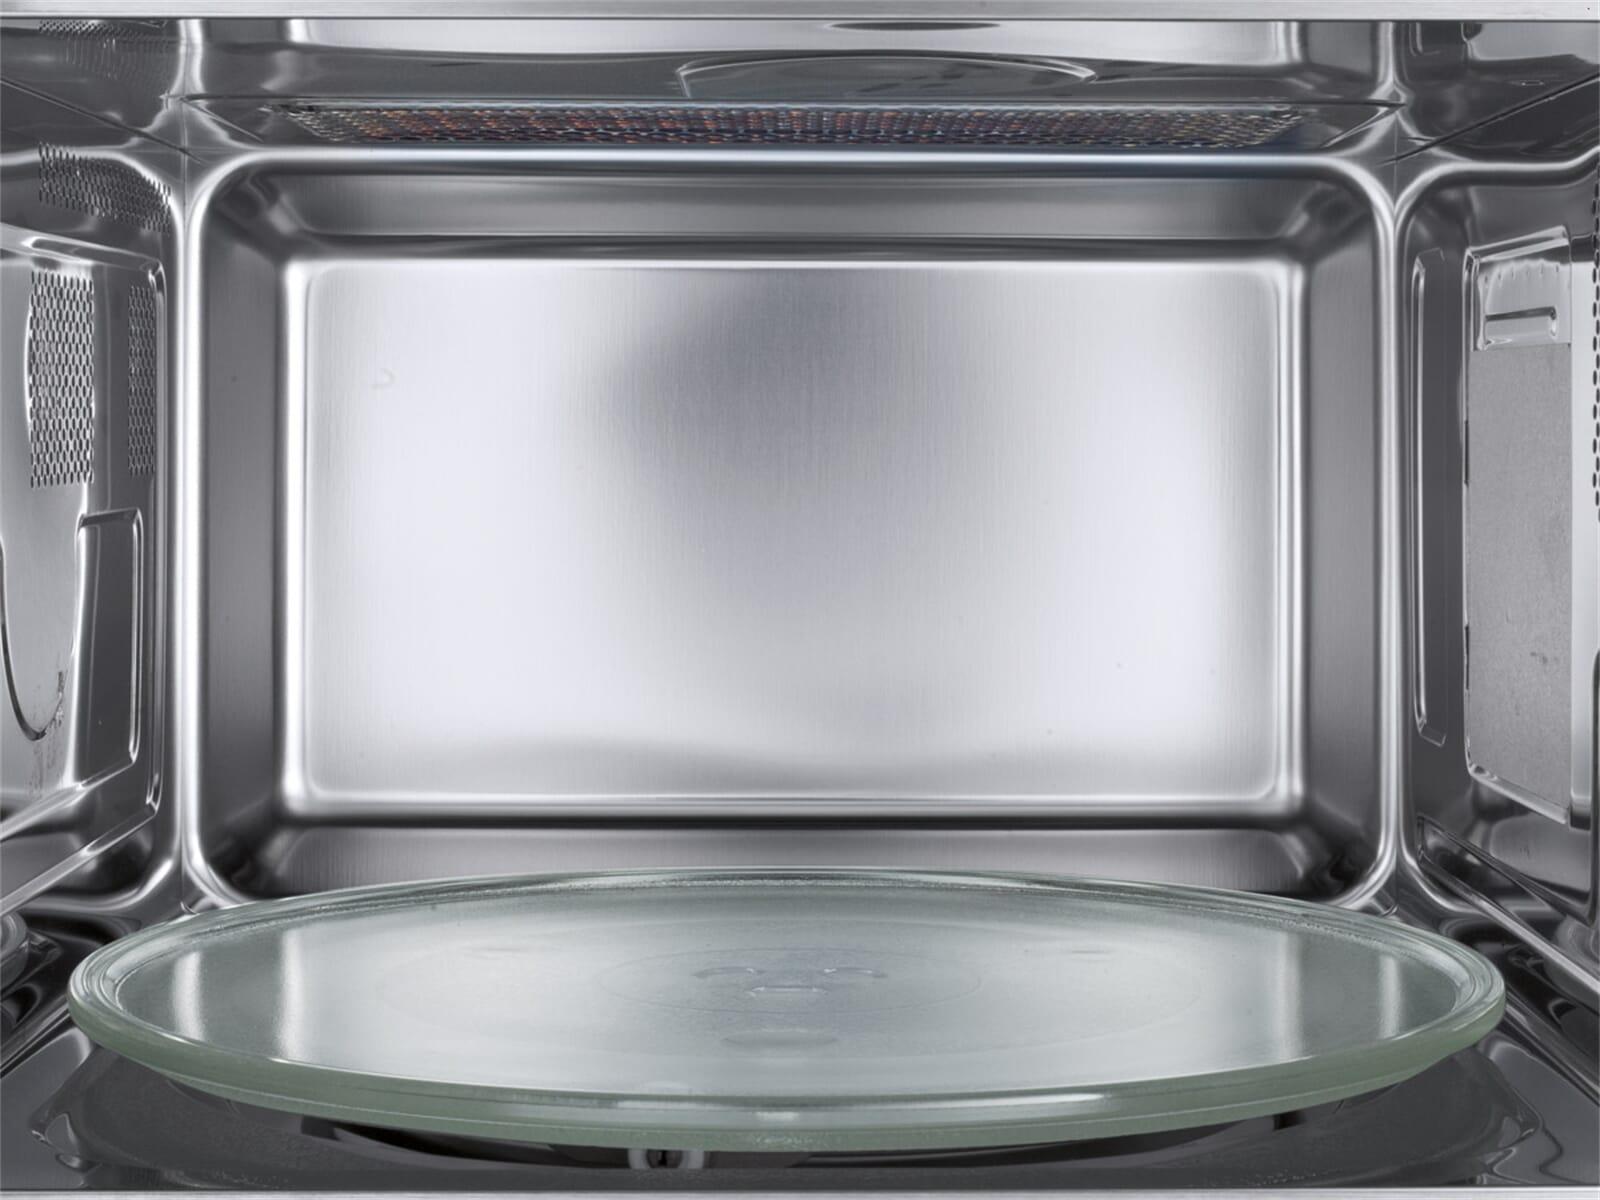 bosch hmt75m624 einbau mikrowelle wei microwellenherd einbauger t ebay. Black Bedroom Furniture Sets. Home Design Ideas